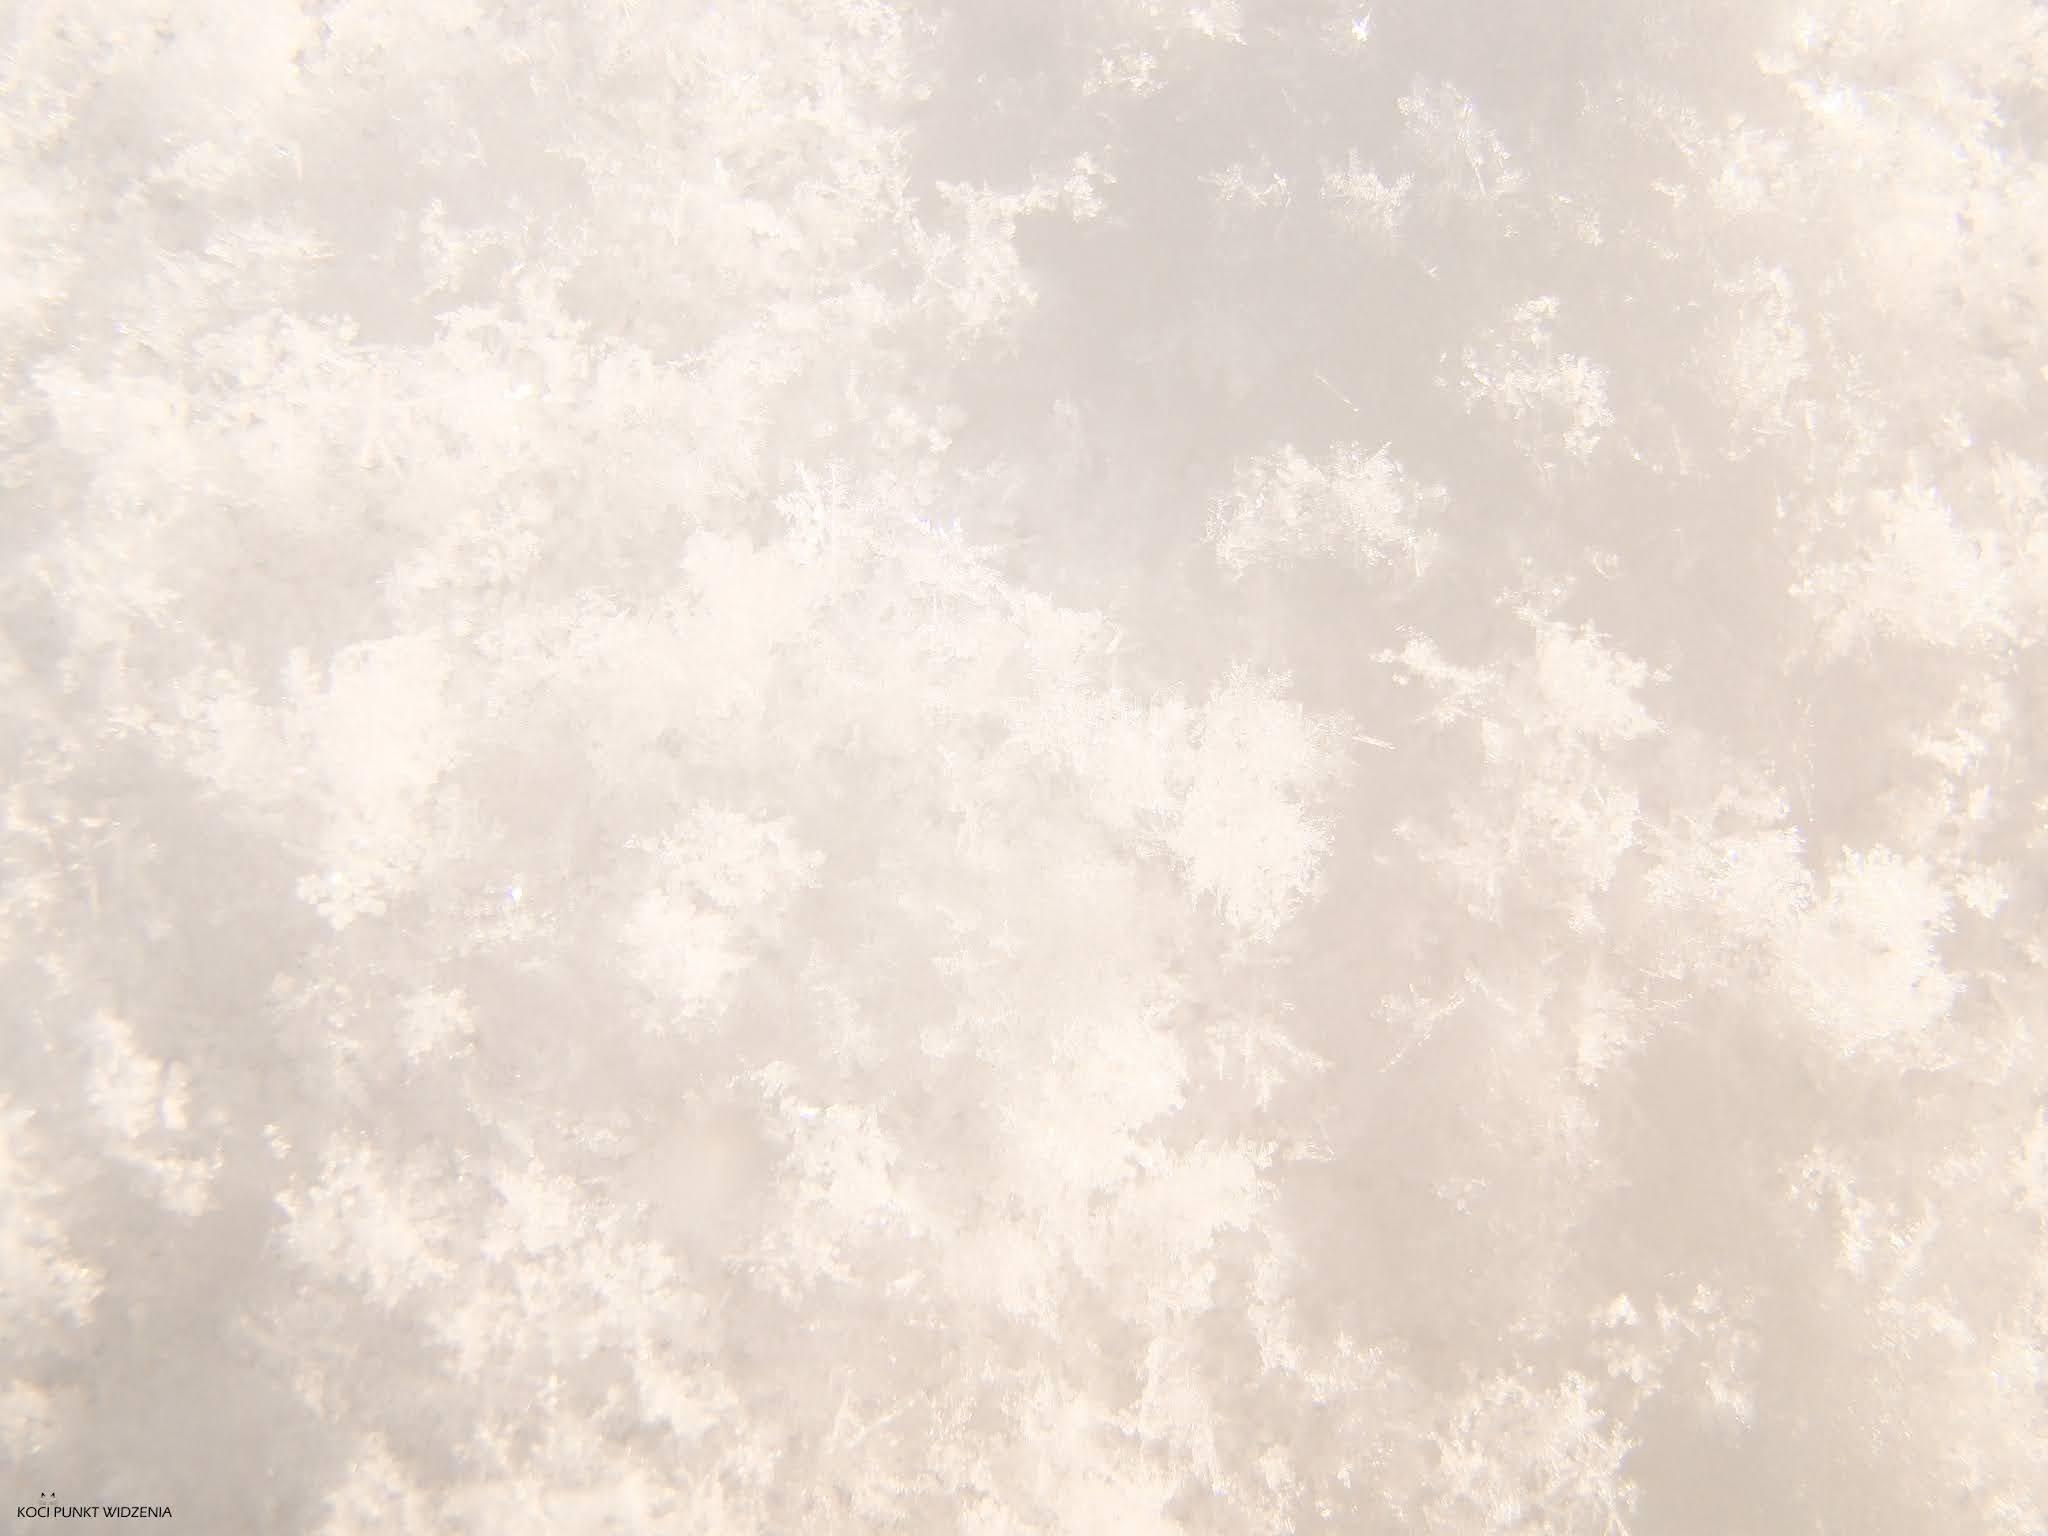 śnieg zdjęcie